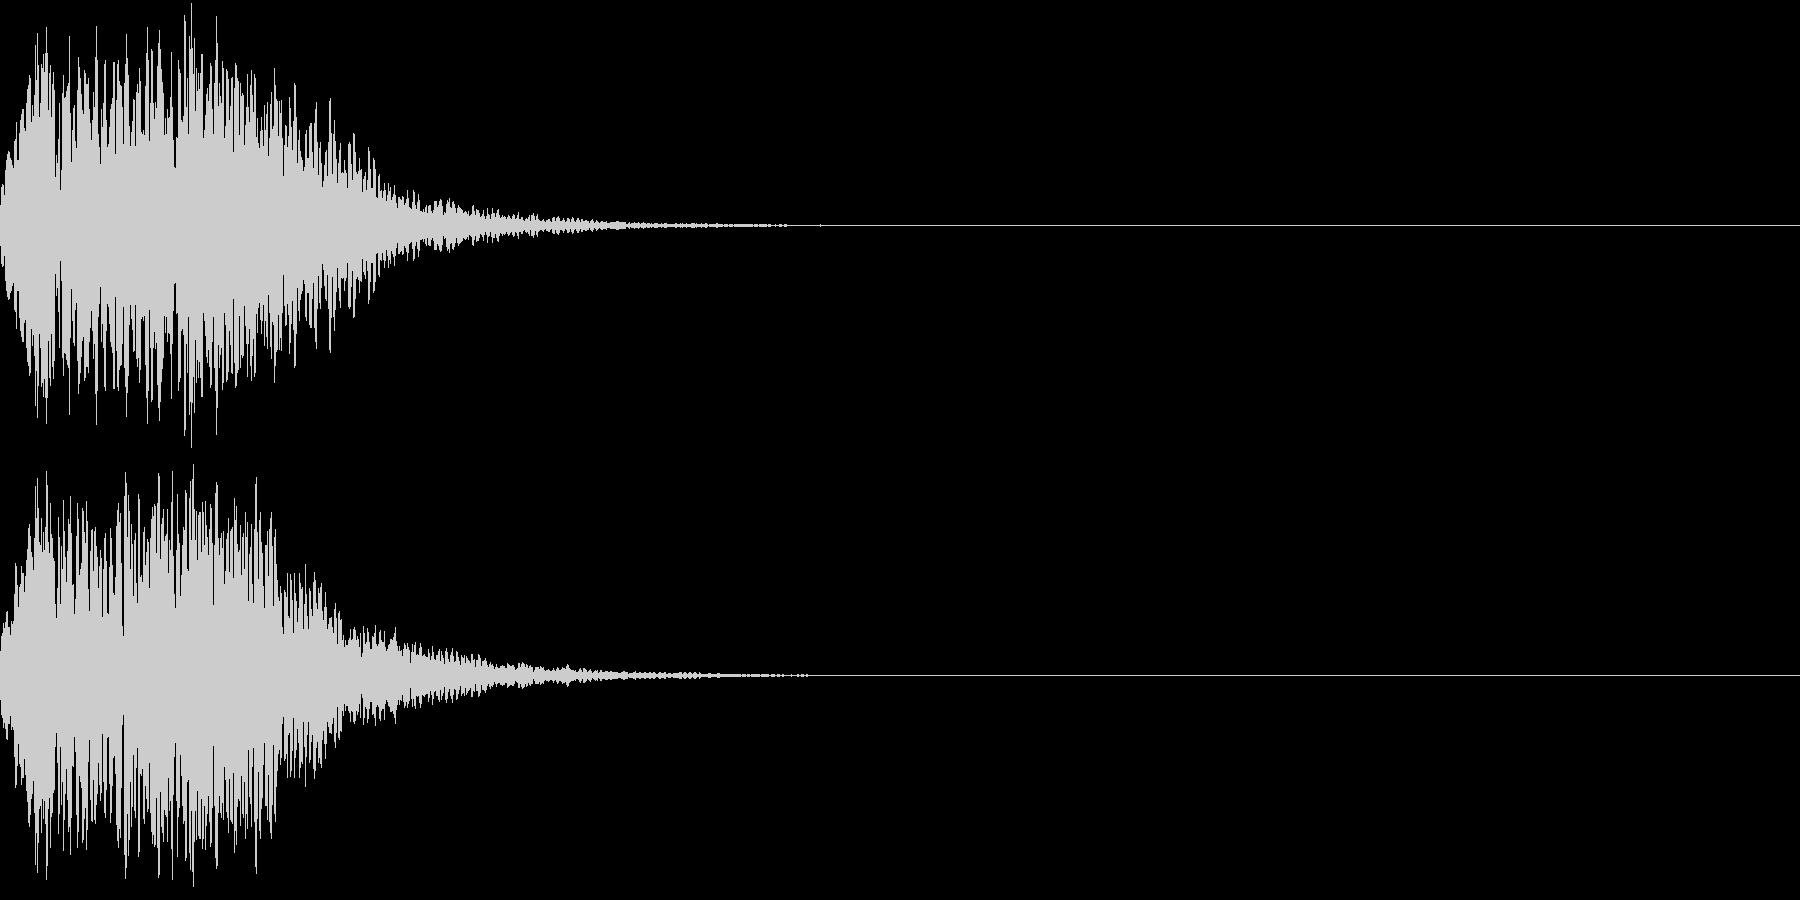 キュイン 光 ピカーン フラッシュ 11の未再生の波形